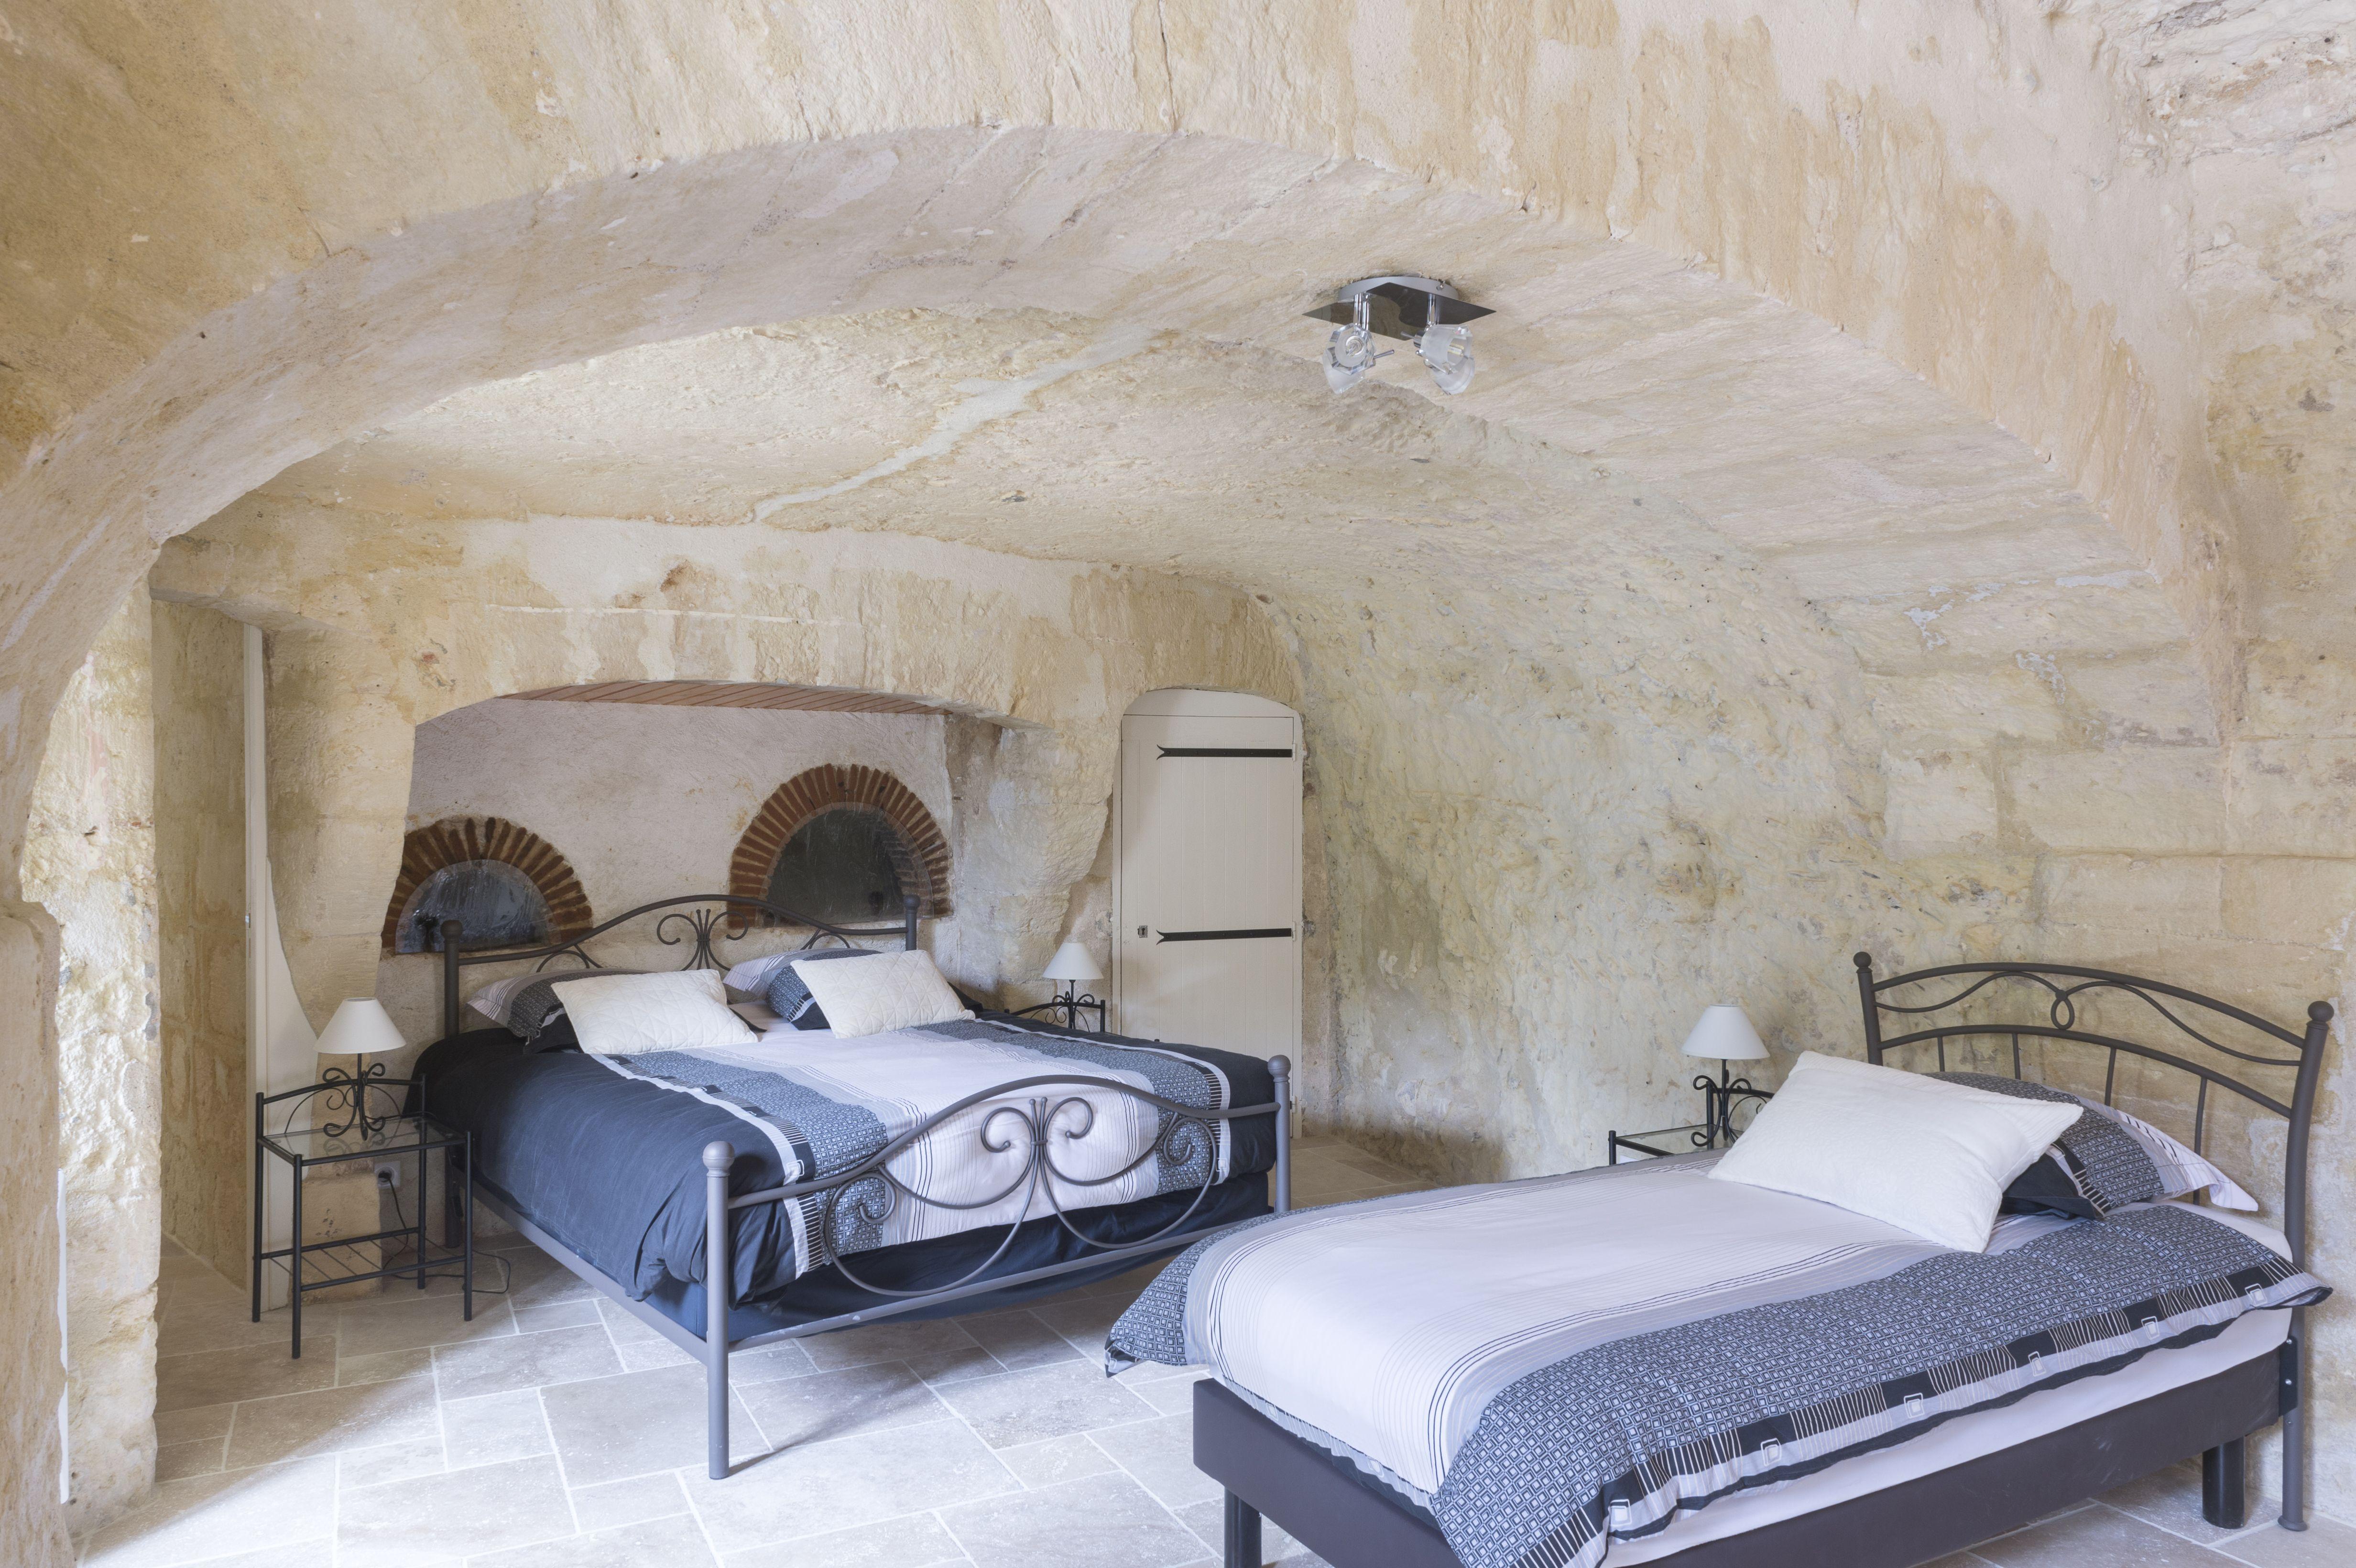 Hebergements Gites De France Les Plus Belles Idees Deco Gite Belle Chambre Et Chambre Troglodyte